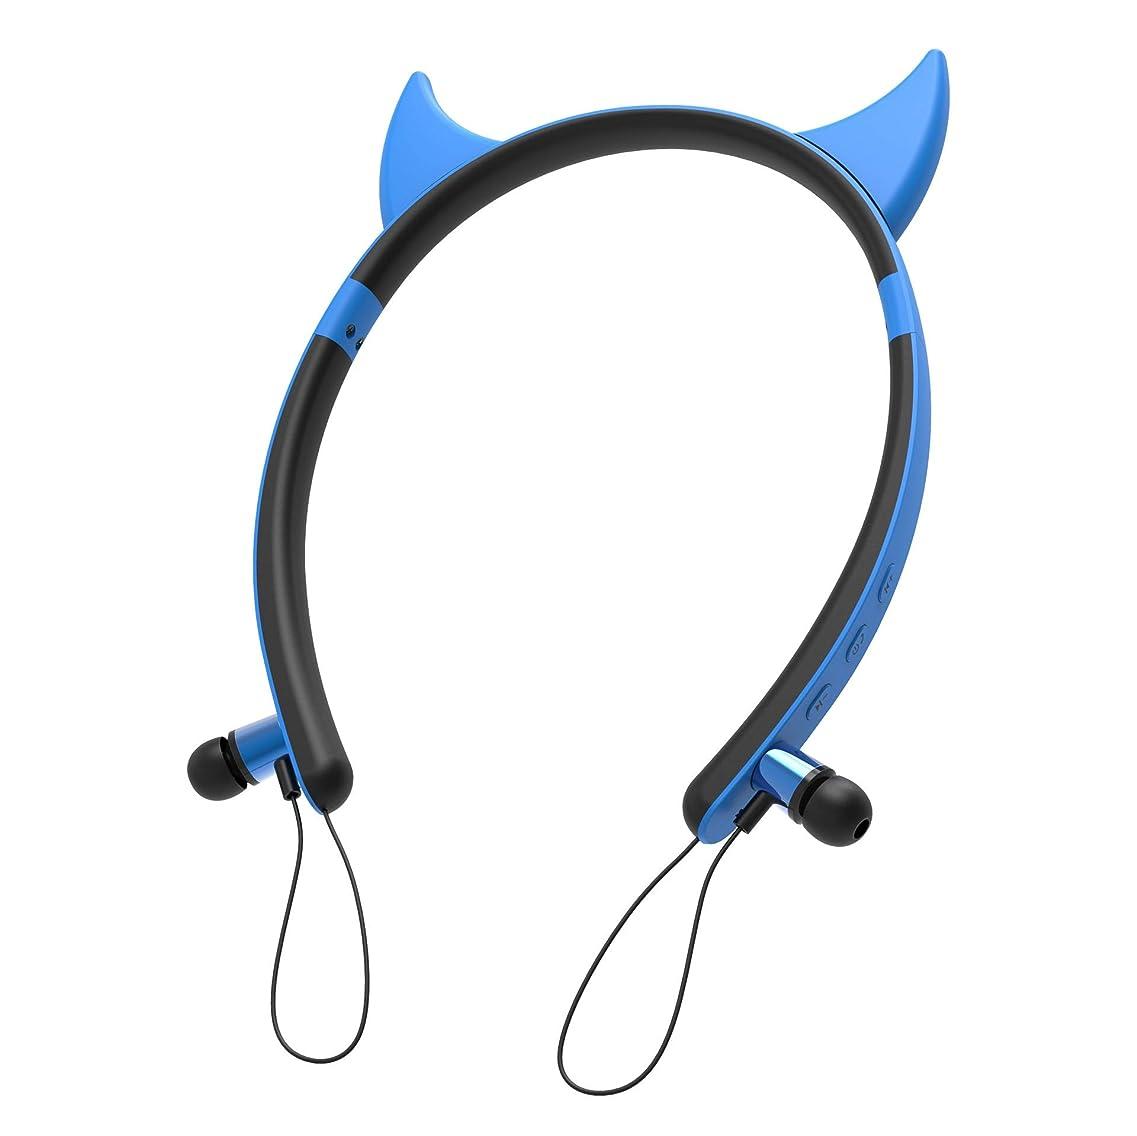 信頼できるアシストシビックコンフォートフィット ヘッドフォン漫画猫耳ヘッドフォンBluetoothワイヤレスヘッドセットスポーツステレオ スマートフォン用 (Color : Little devils, Size : One size)